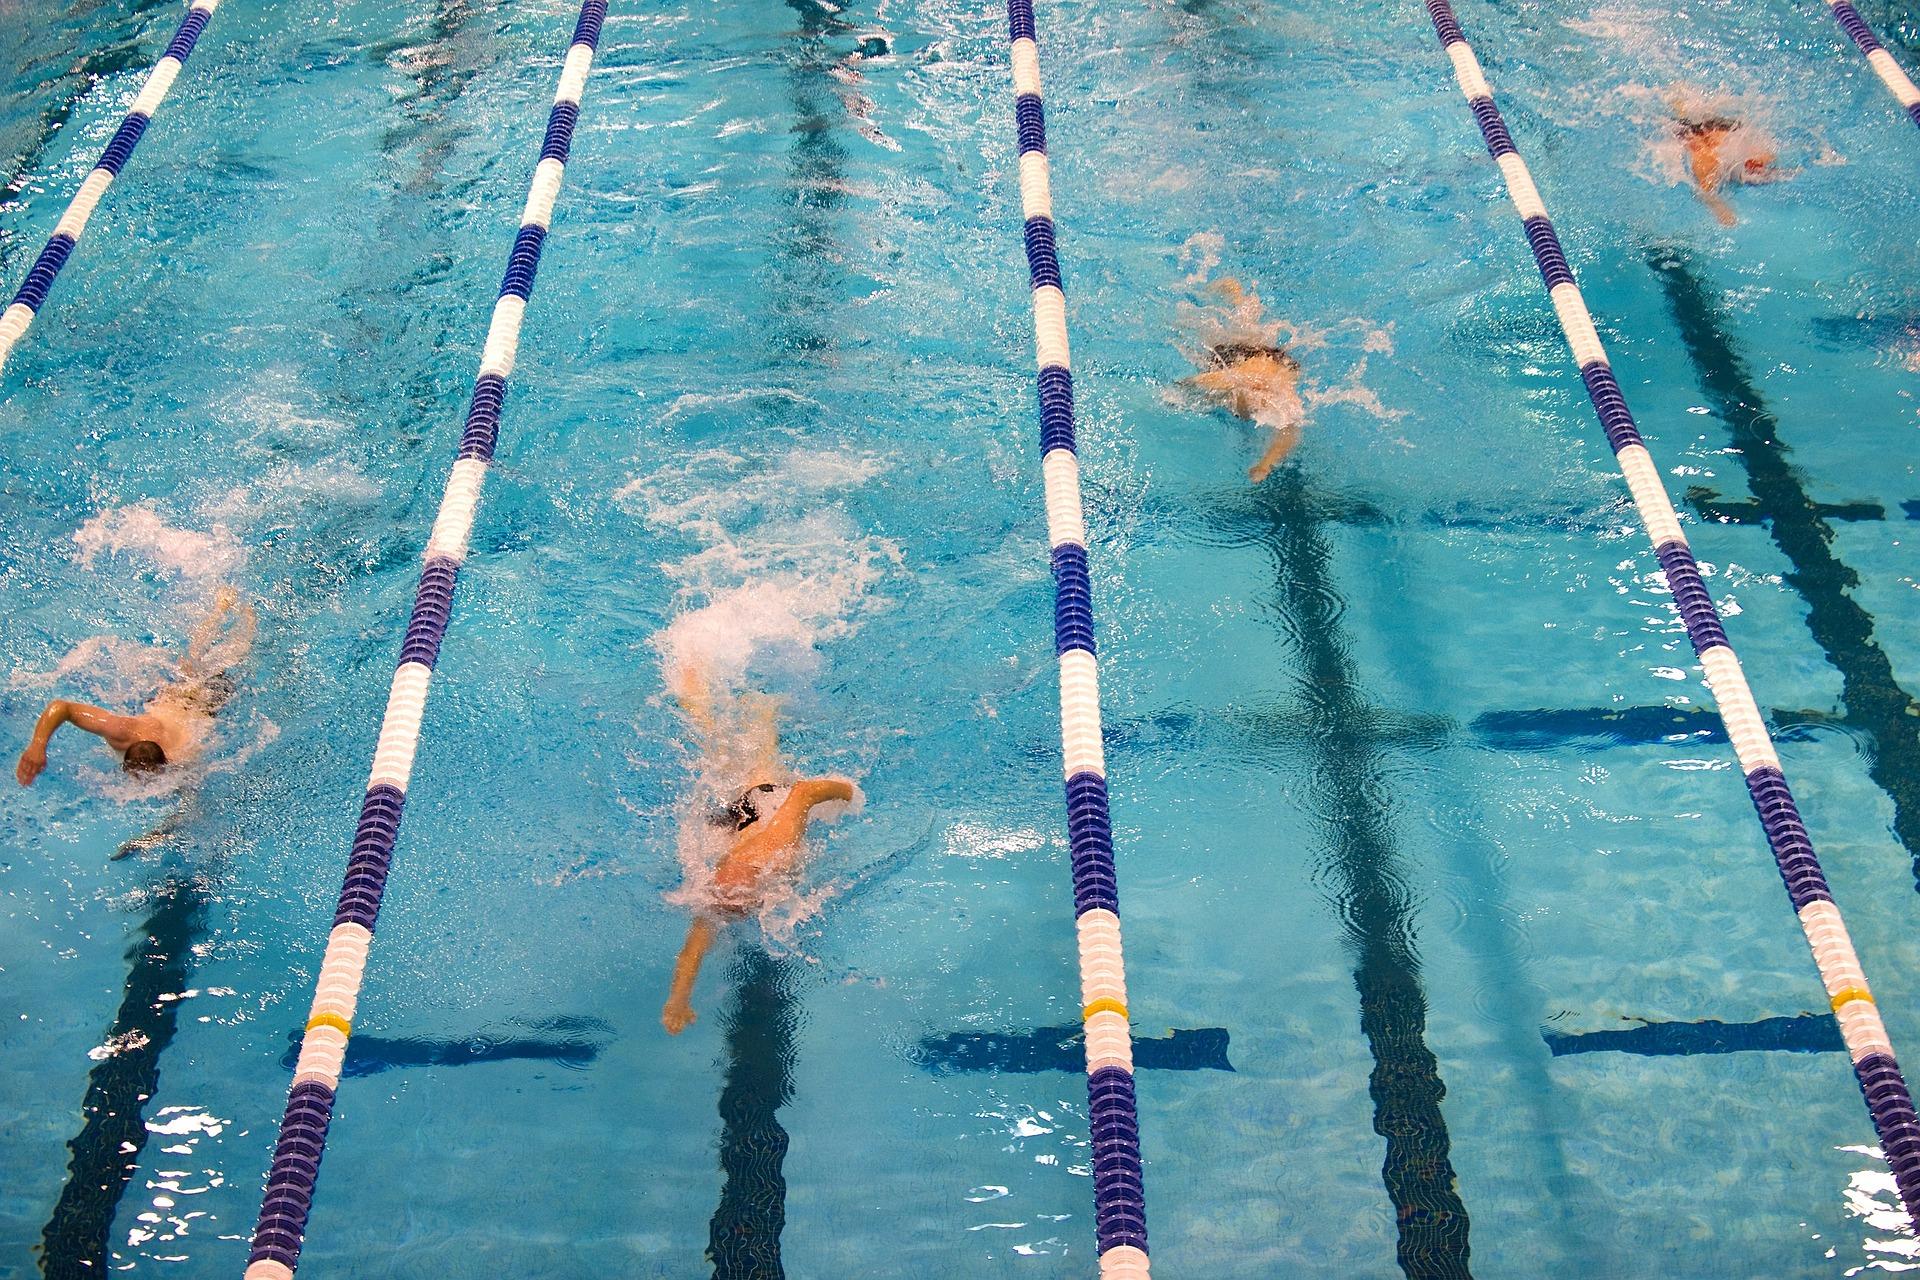 swimming-659903_1920.jpg